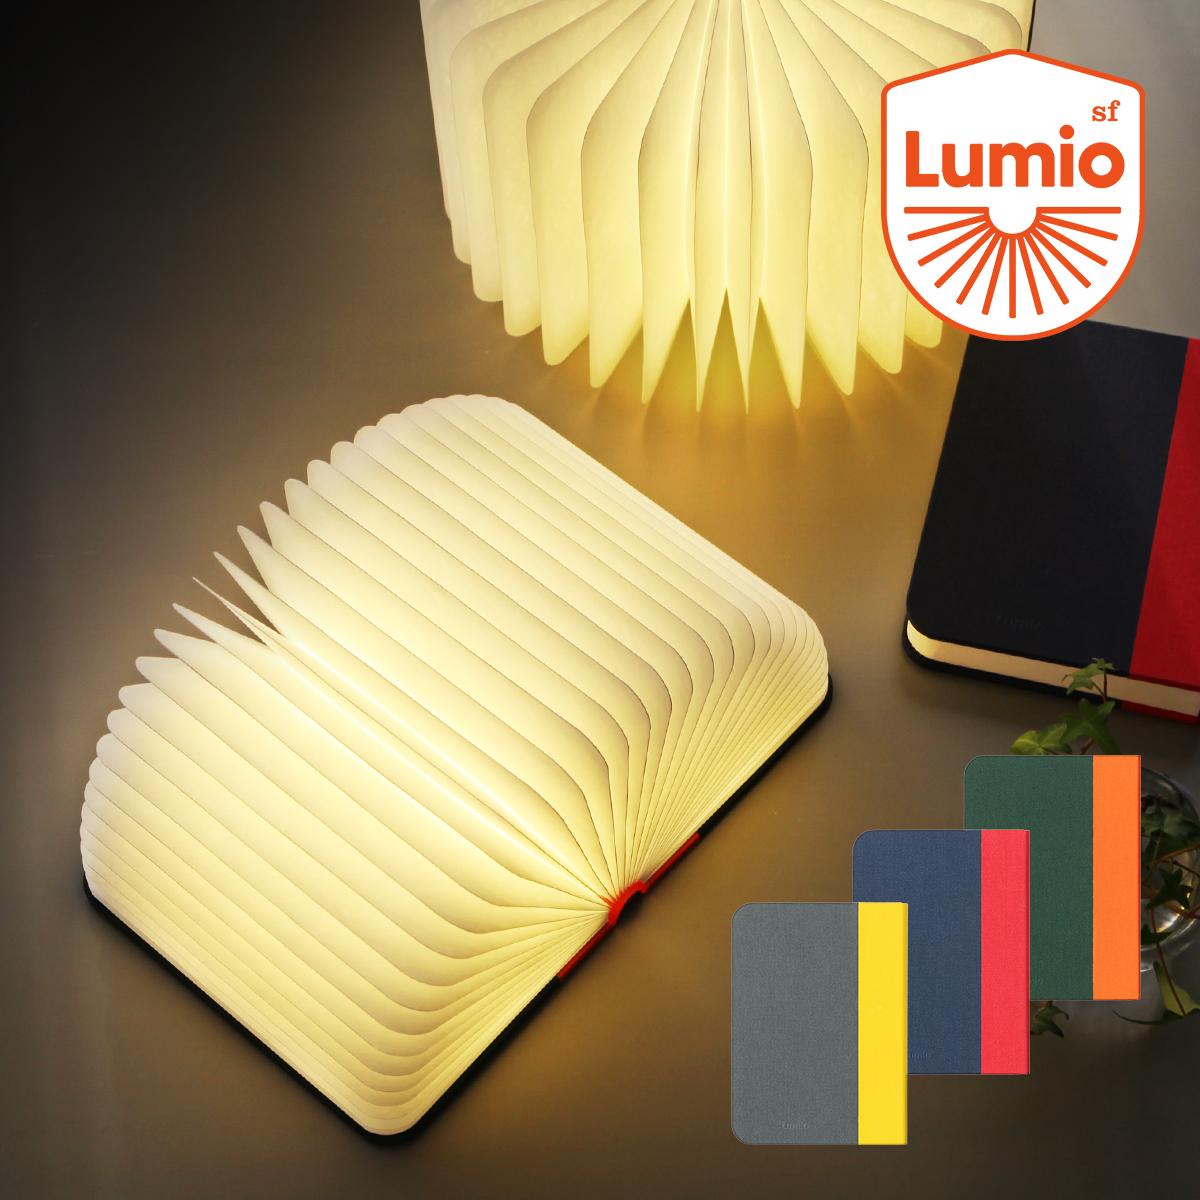 ルミオ Lumio 授乳 ブック型LEDライト ブック型 LEDライト ブック型ライト 本型 LEDライト 本型 本型ライト おしゃれ 照明 コードレス LED デスクライト テーブルライト ポータブル コンパクト ファブリック 充電式 エスエフ 【送料無料】[ LUMIOSF FABRIC ]